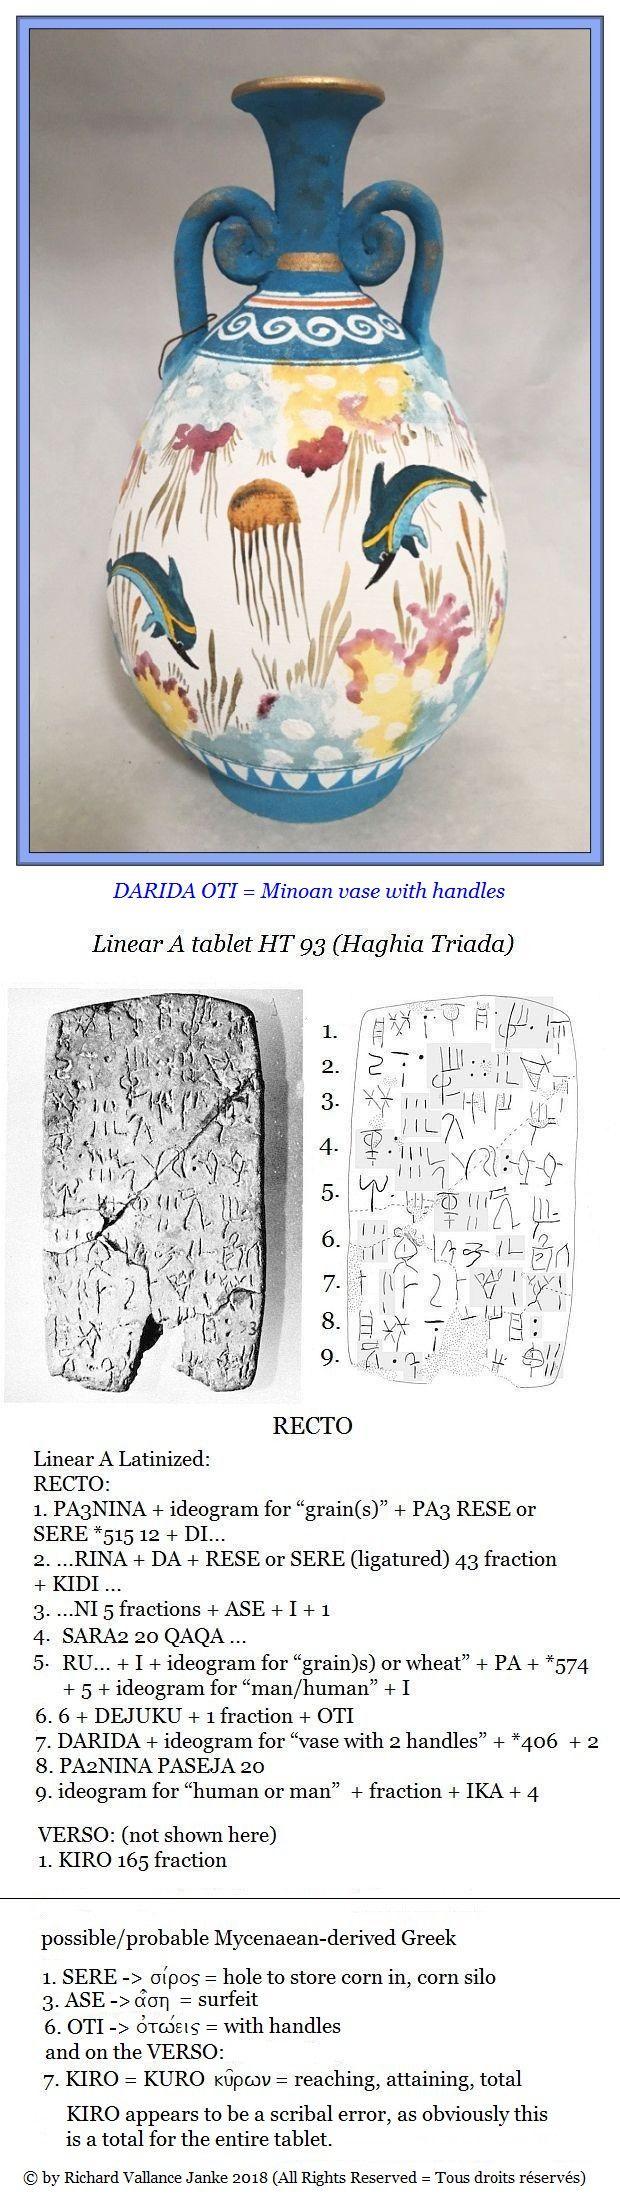 Linear A tablet HT 93 Haghia Triada